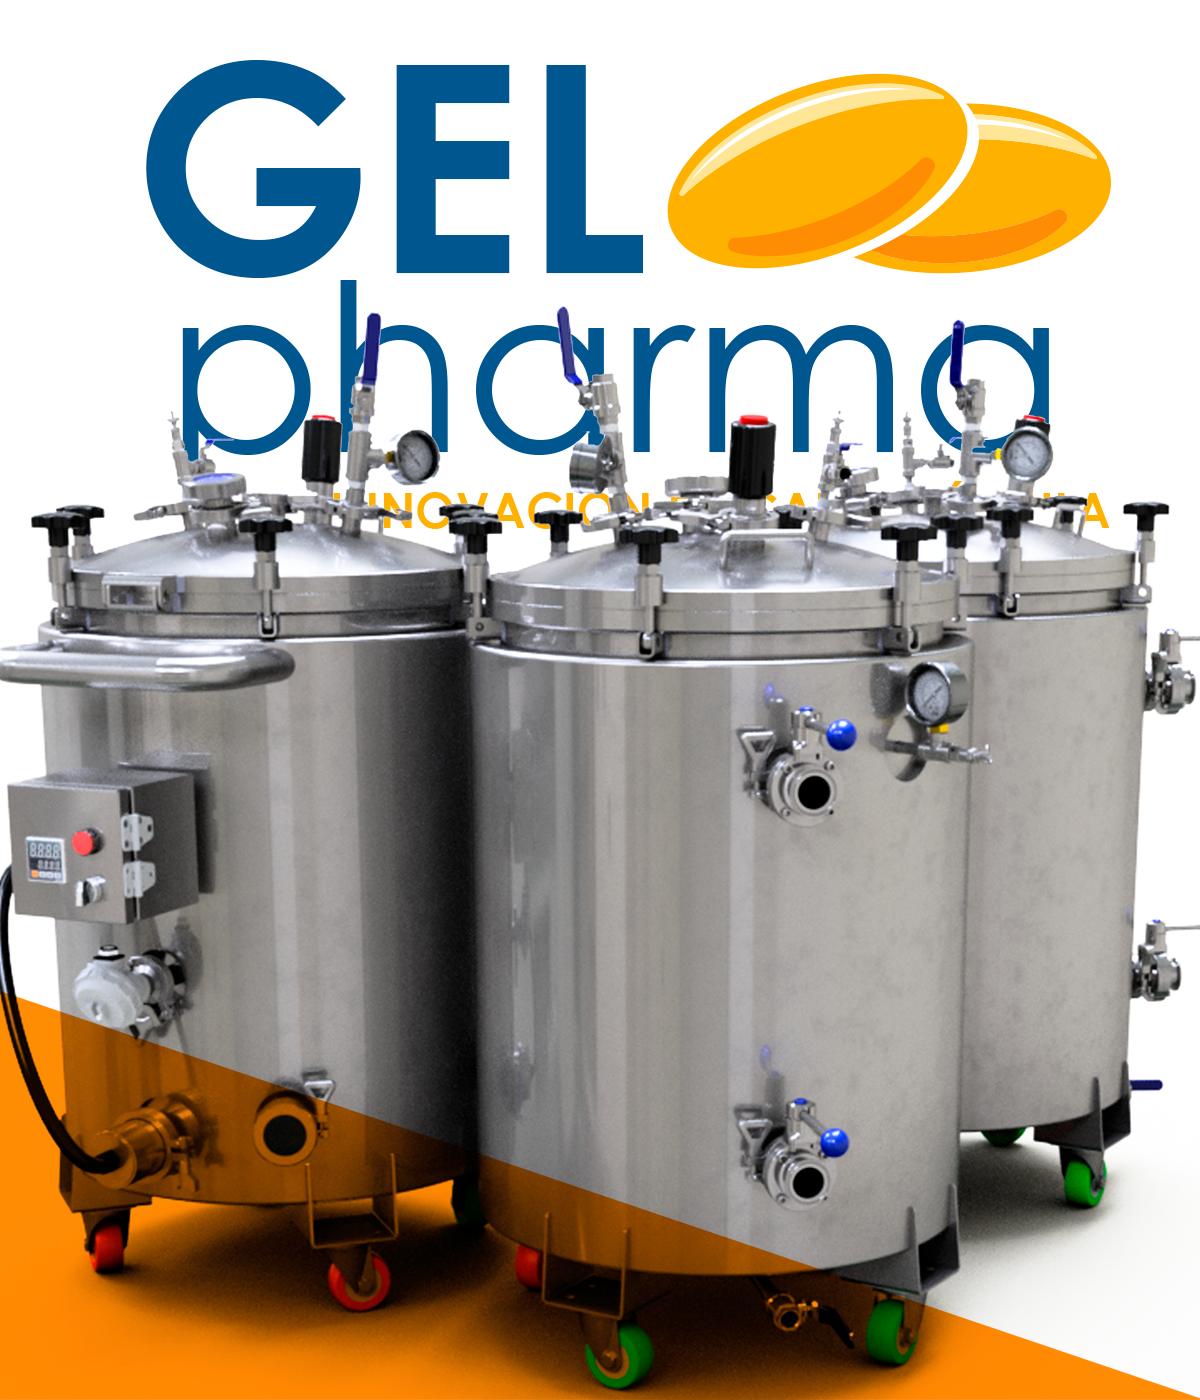 Gel Pharma